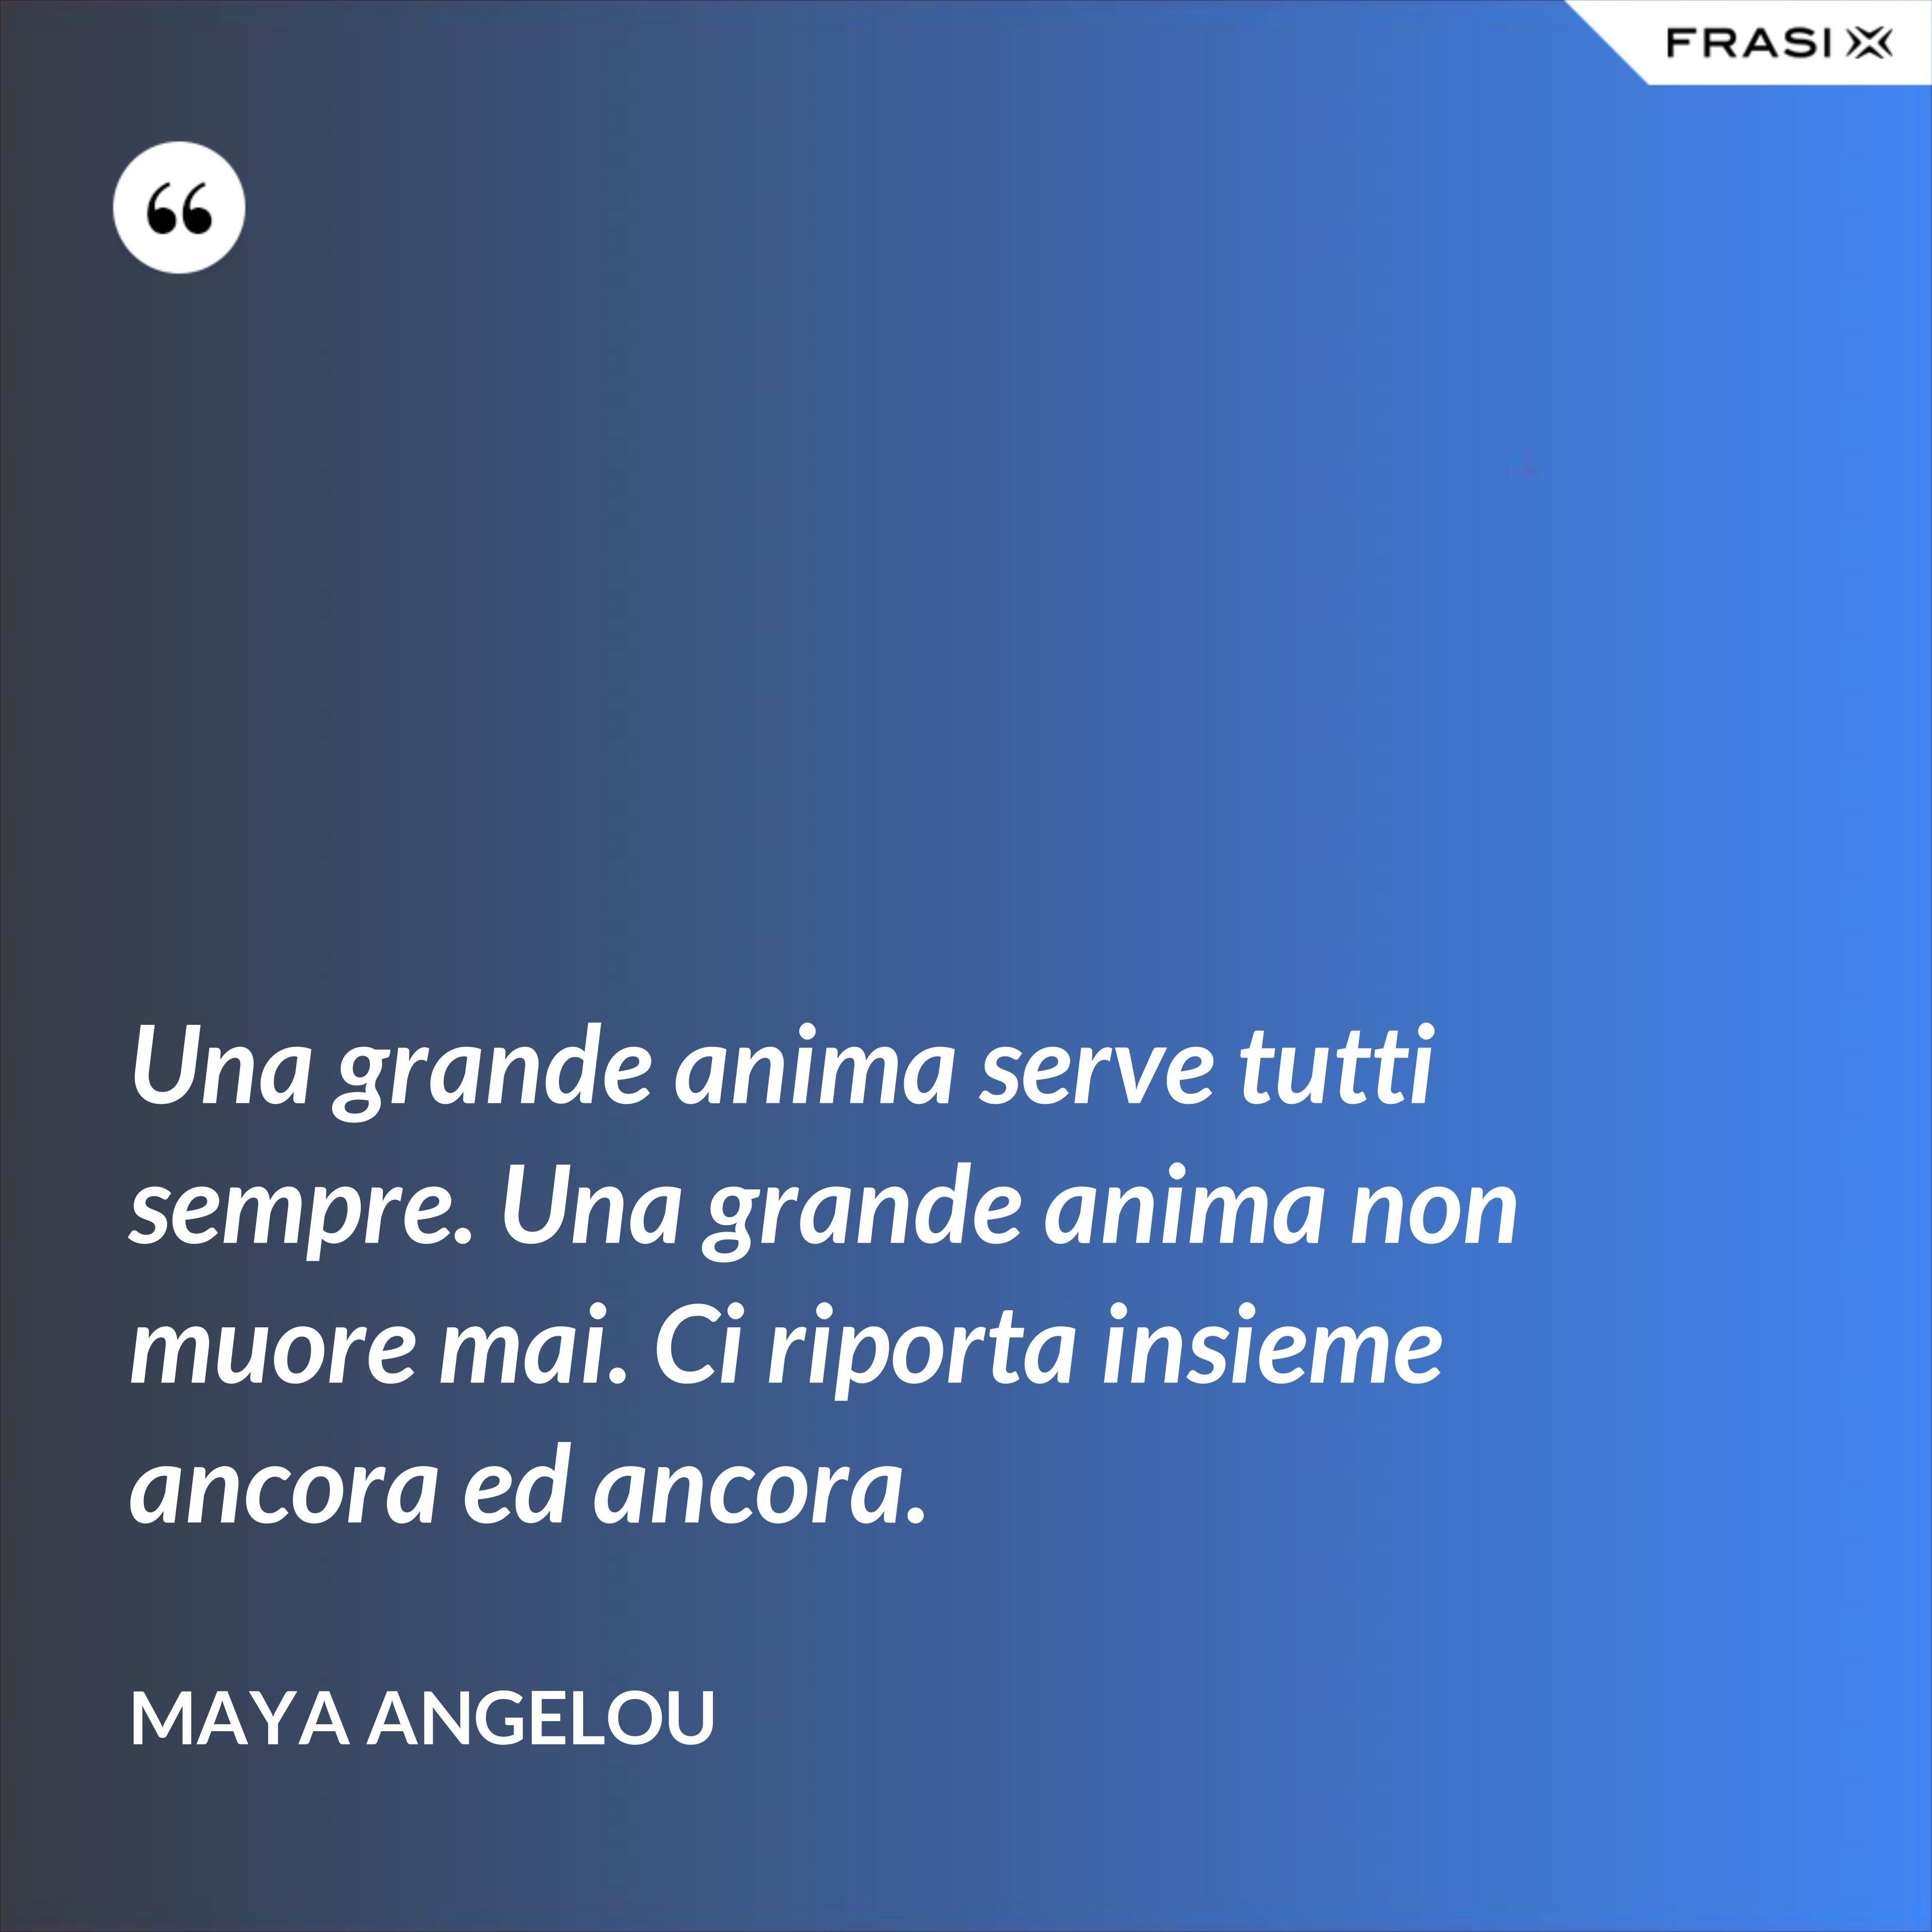 Una grande anima serve tutti sempre. Una grande anima non muore mai. Ci riporta insieme ancora ed ancora. - Maya Angelou